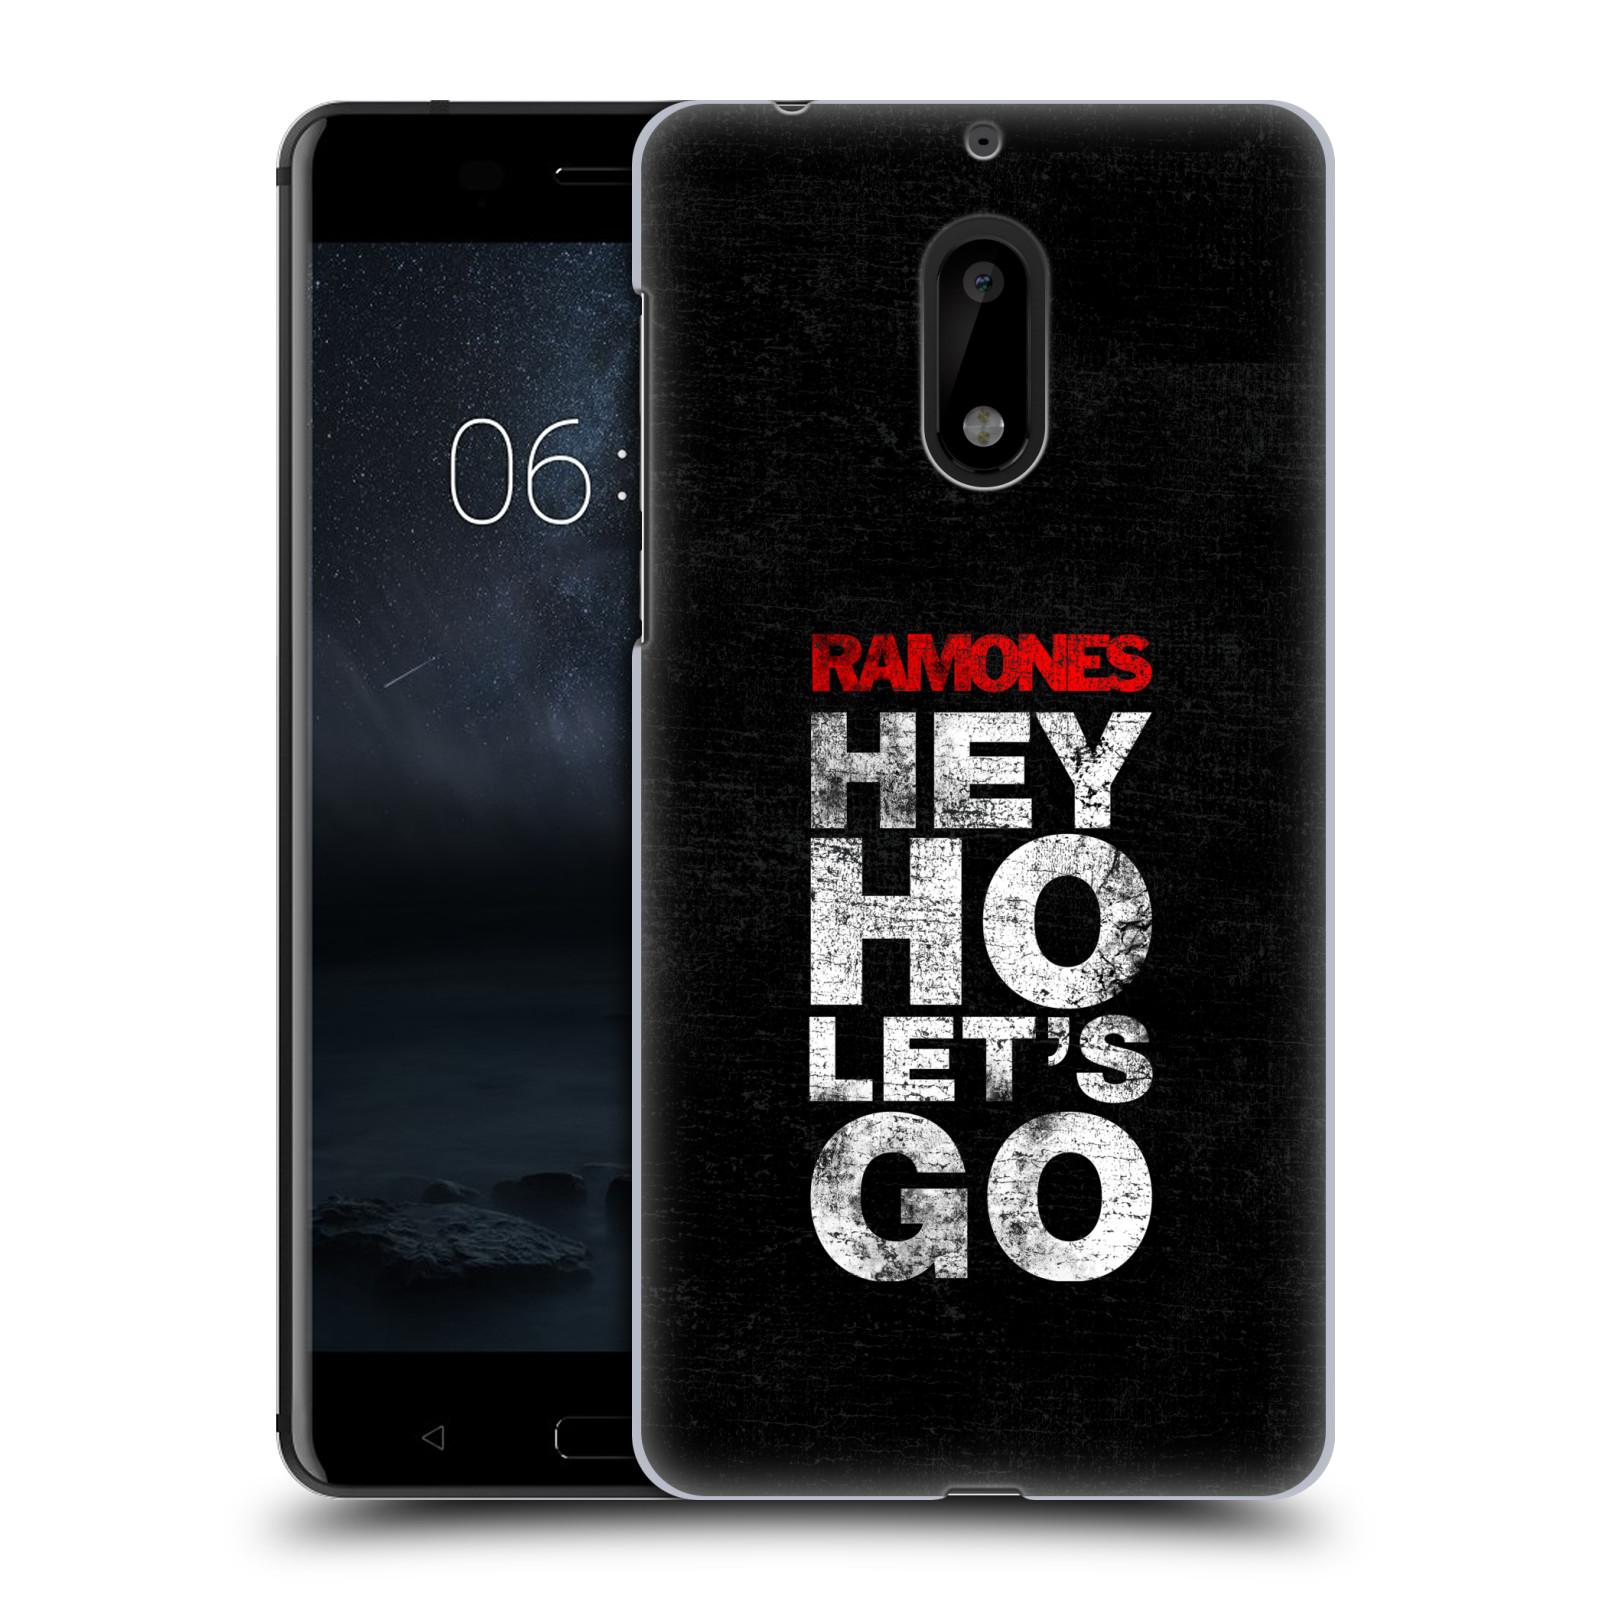 Plastové pouzdro na mobil Nokia 6 - Head Case The Ramones - HEY HO LET´S GO (Plastový kryt či obal na mobilní telefon s oficiálním licencovaným motivem The Ramones pro Nokia 6 (Dual SIM))